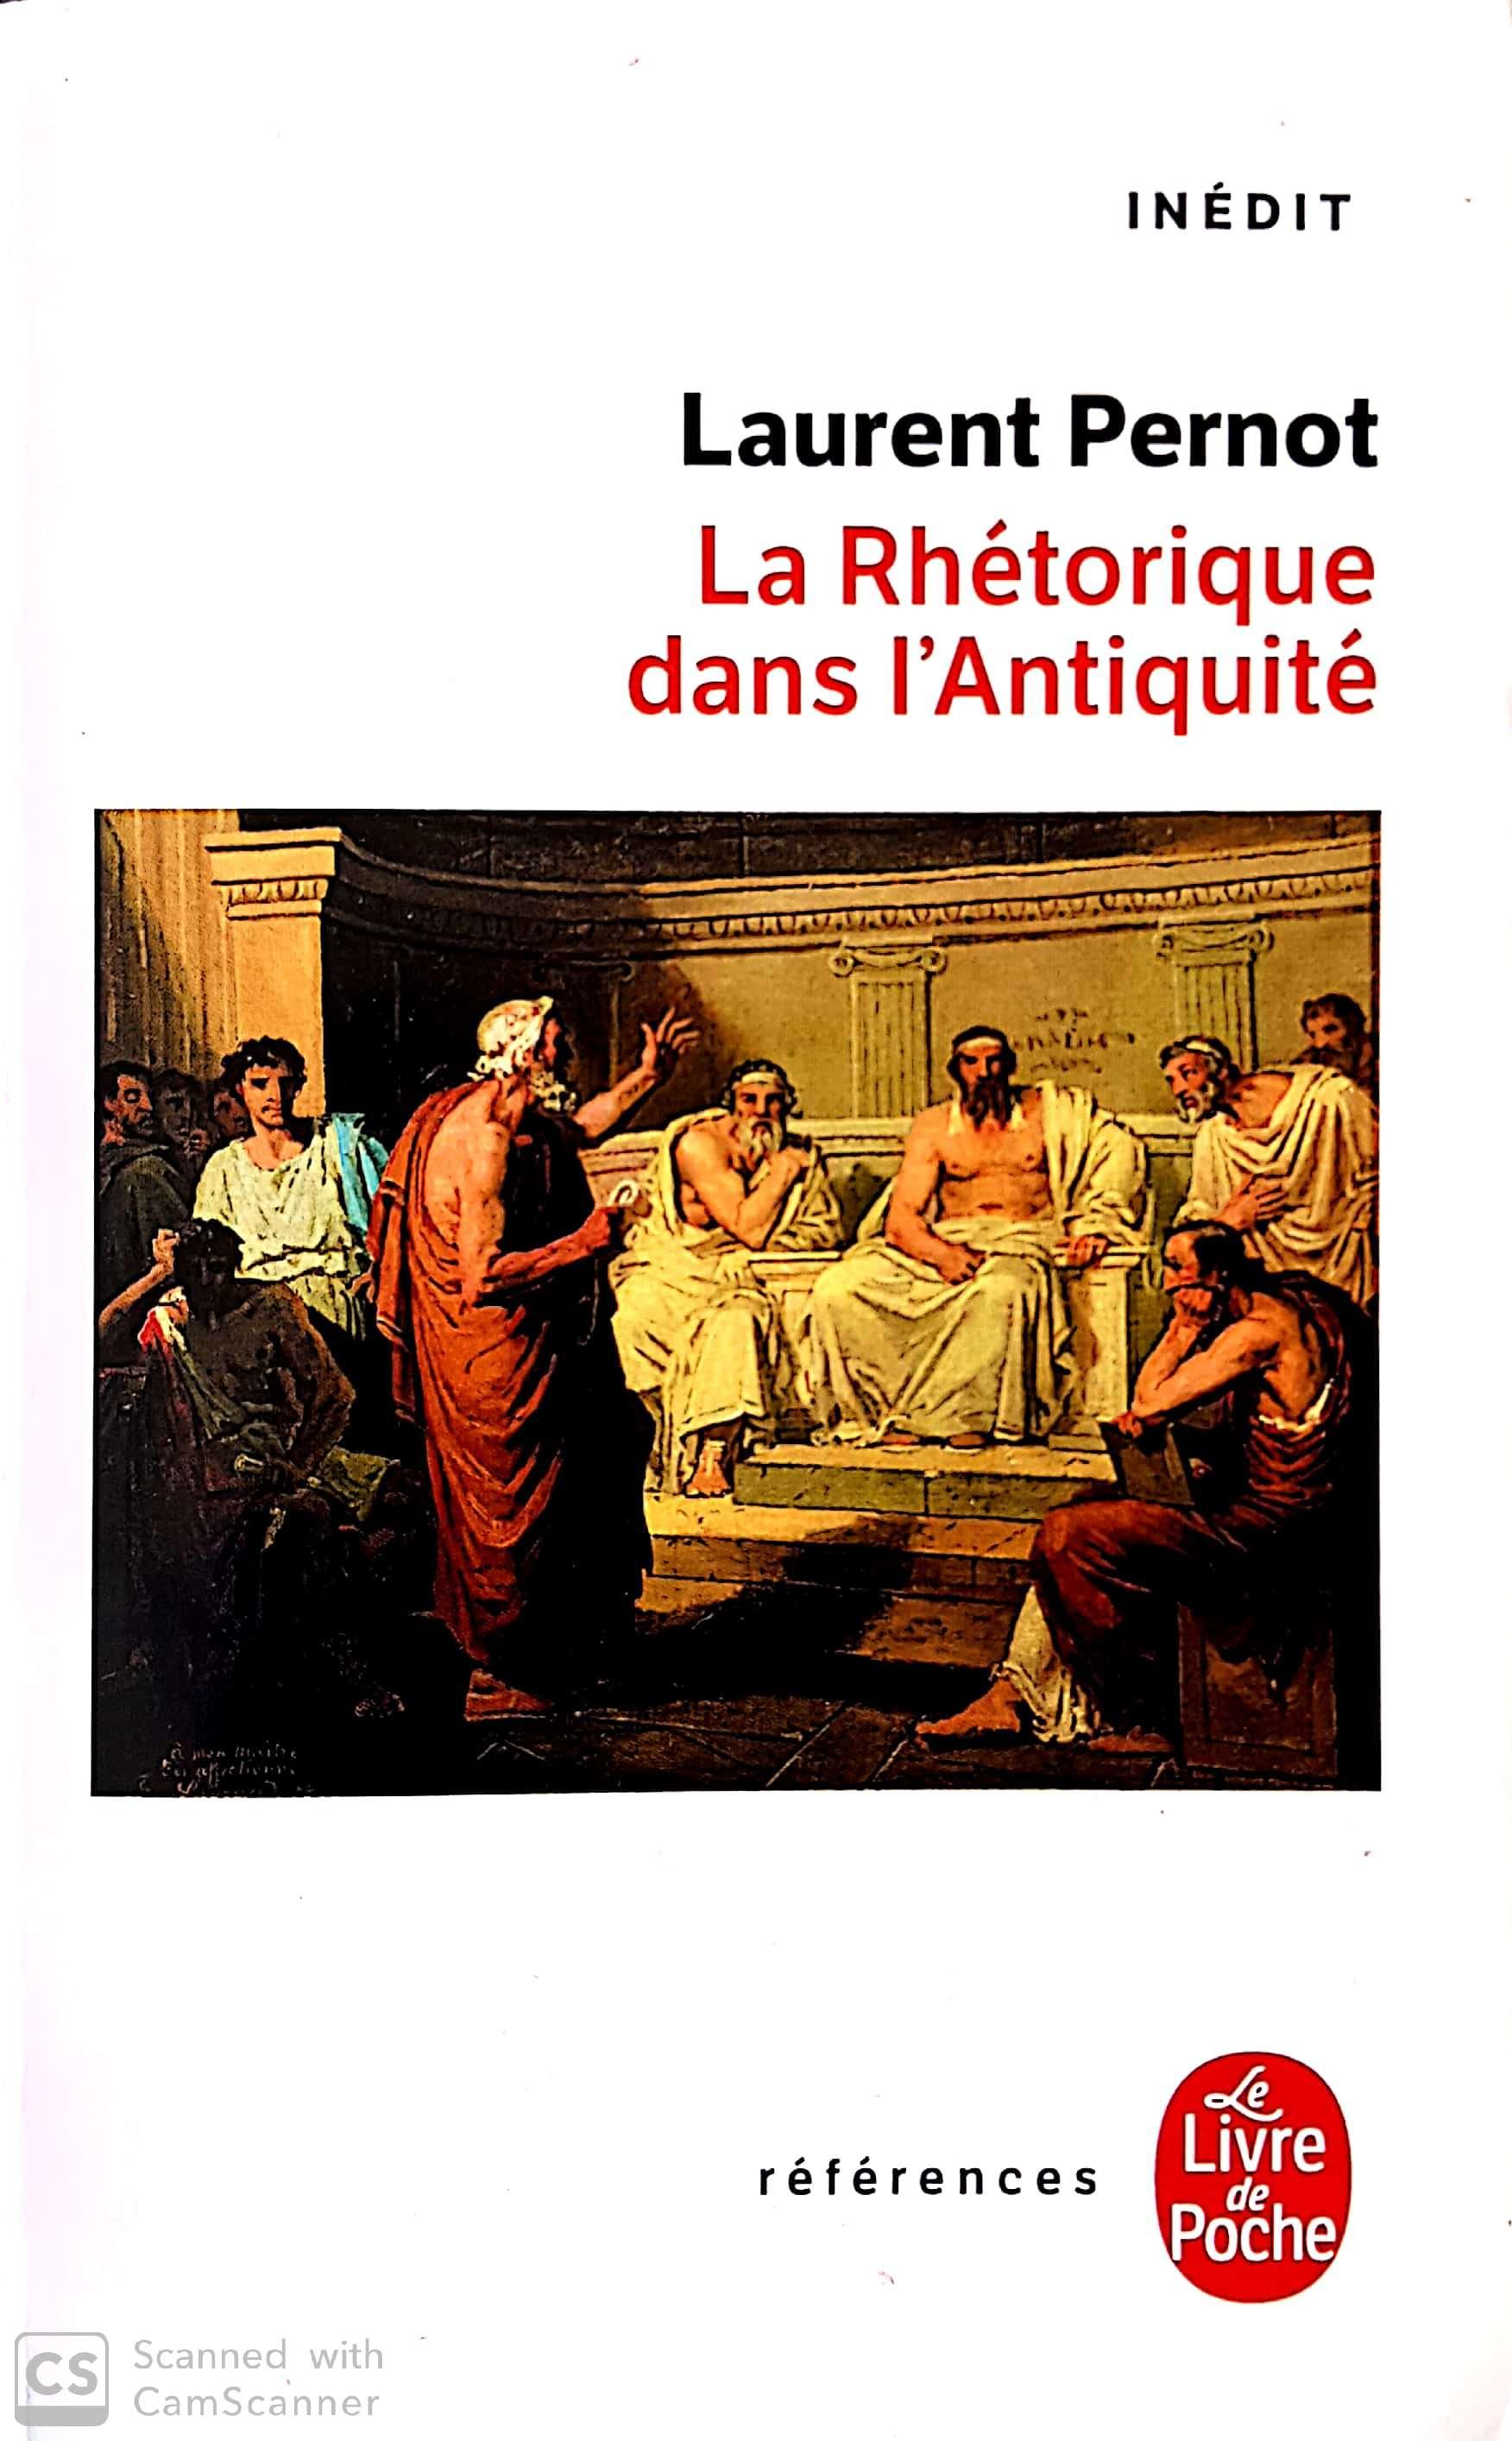 laurent pernot la rhétorique dans l'Antiquité